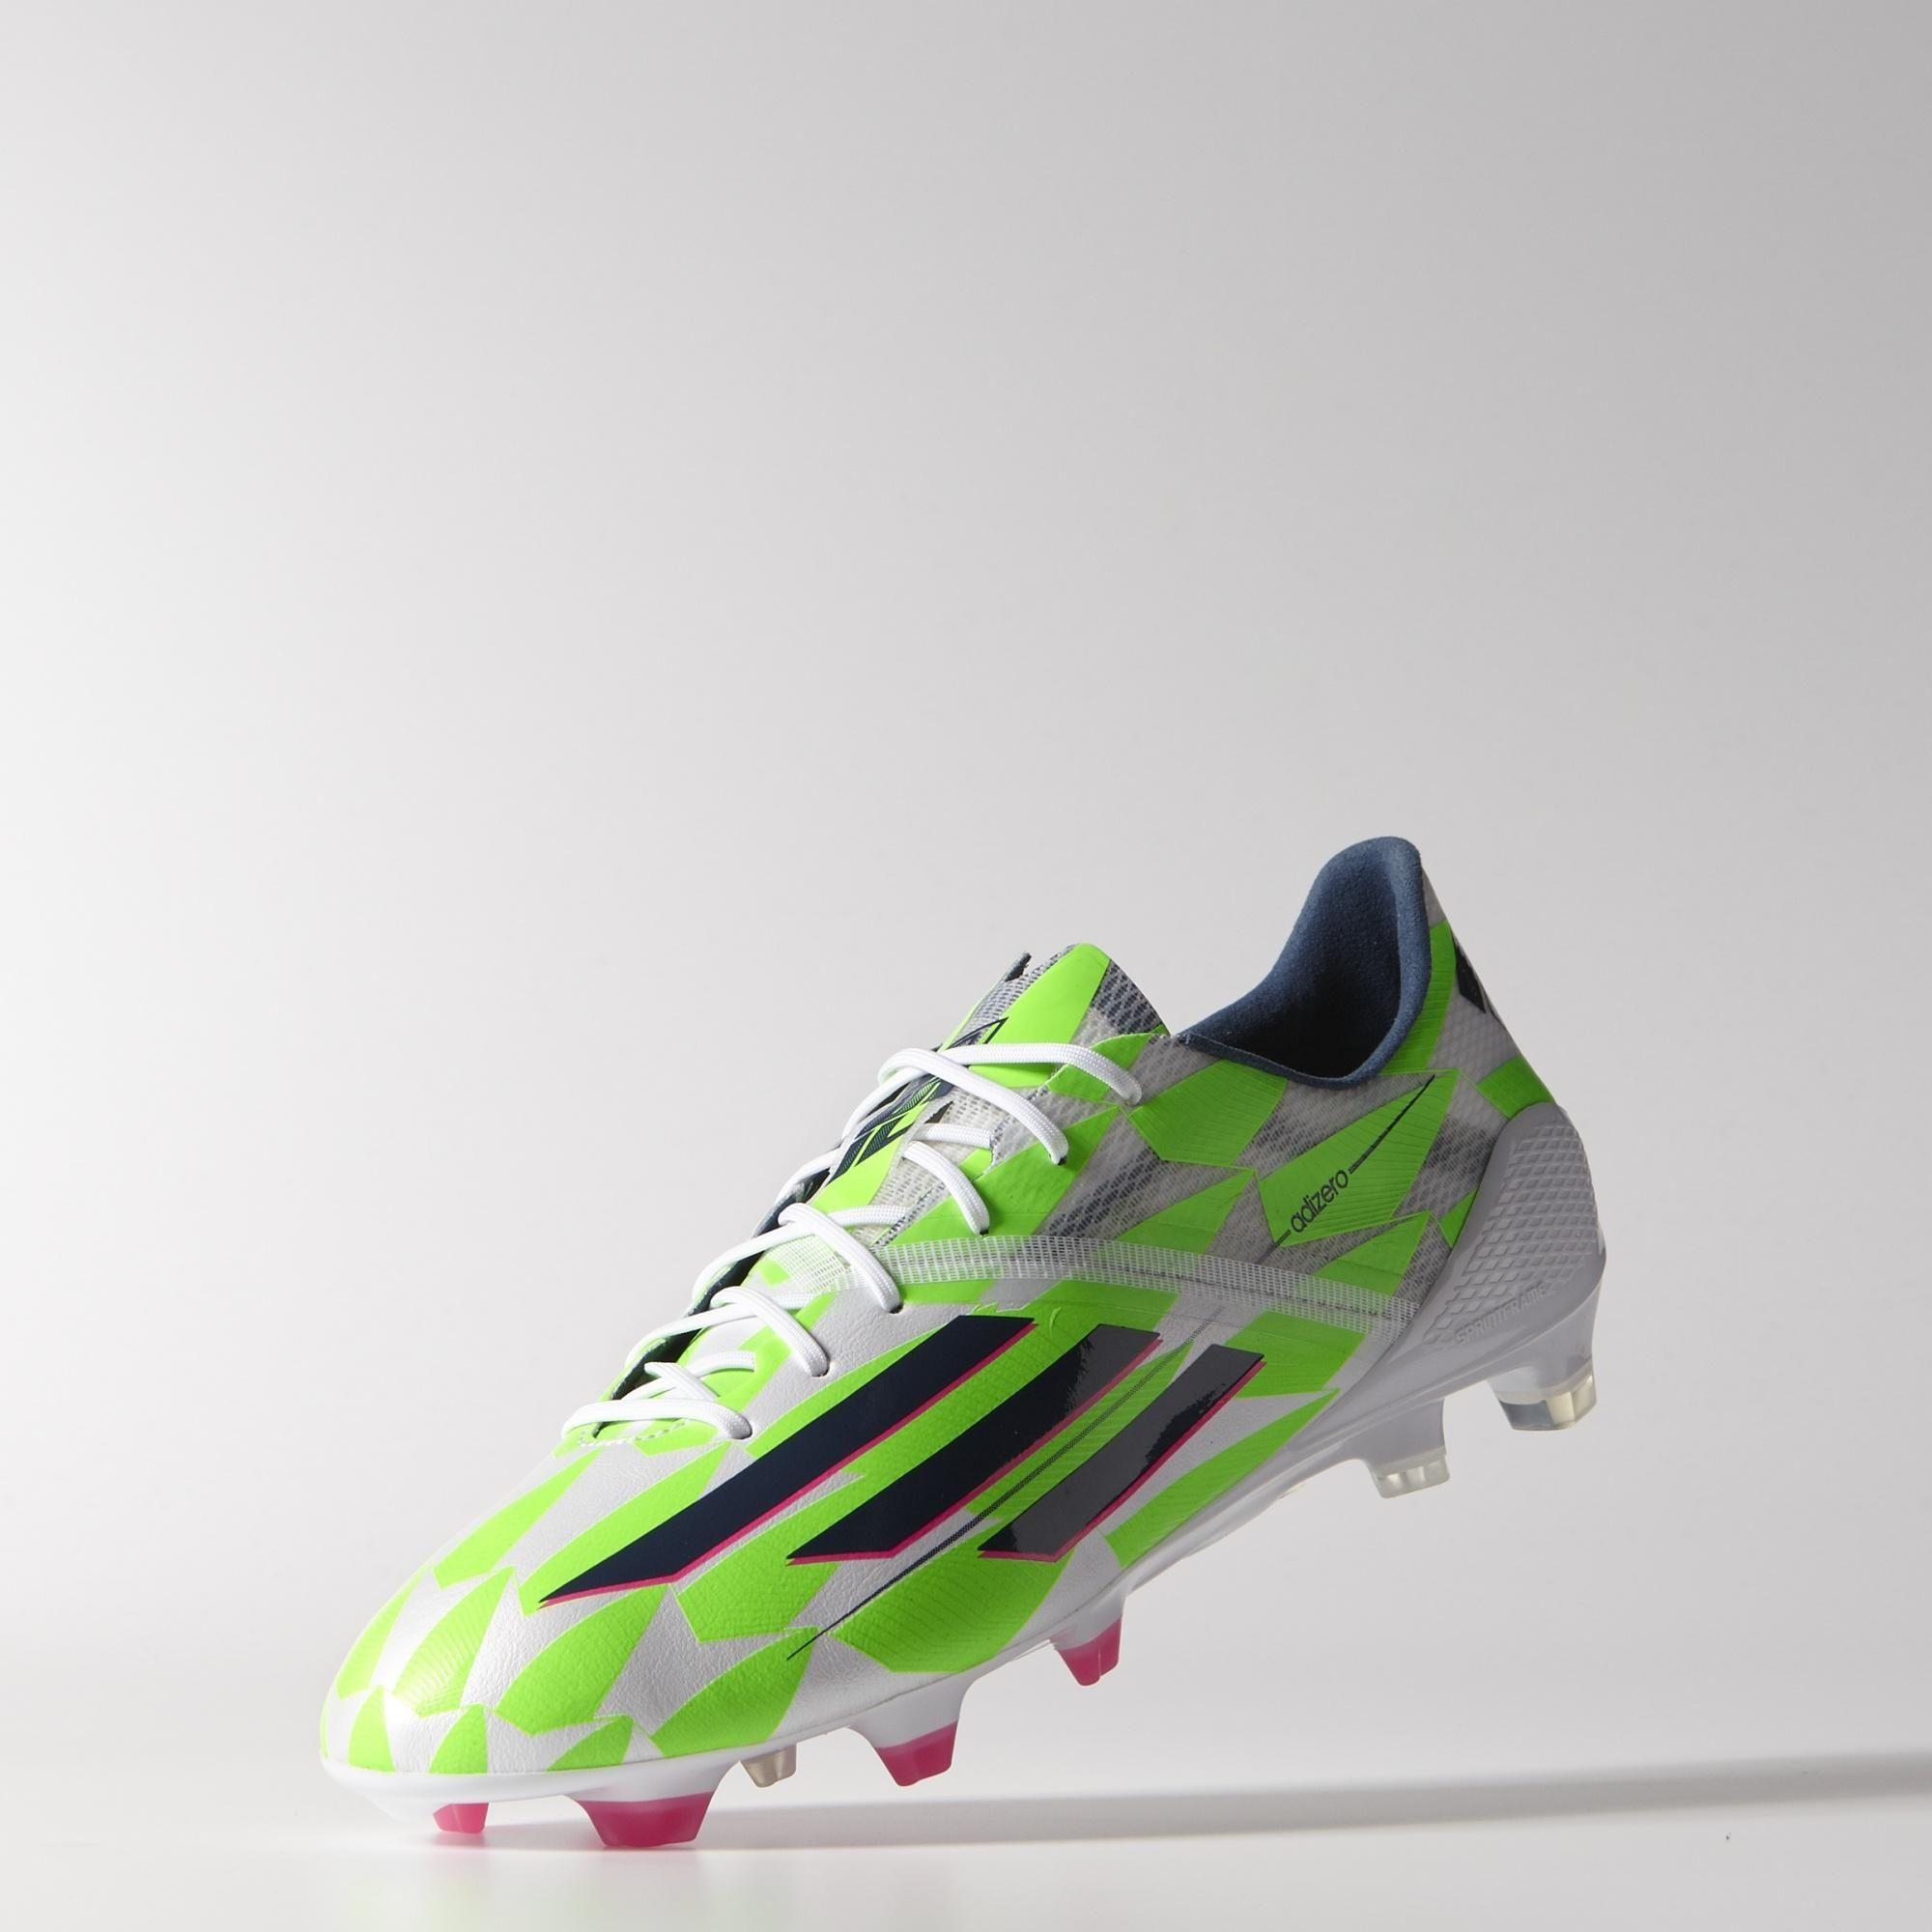 adidas f50 adizero core white rich blue solar green